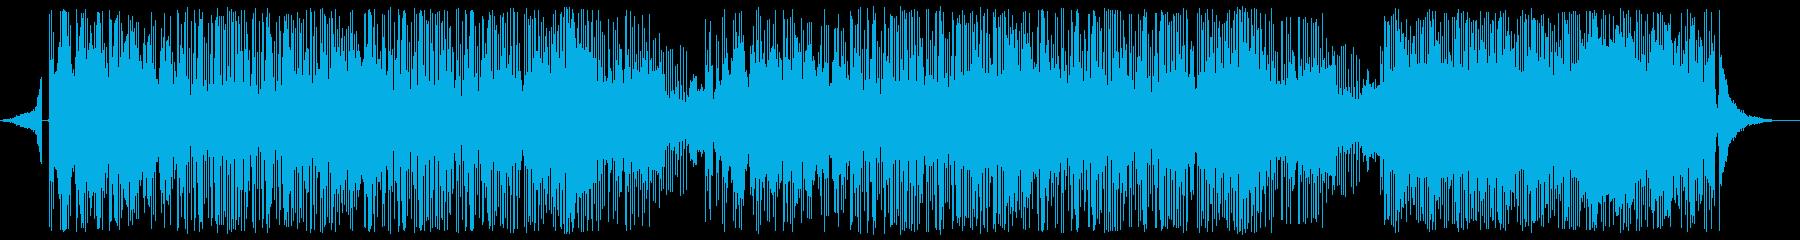 和楽器メロディのフュージョンの再生済みの波形